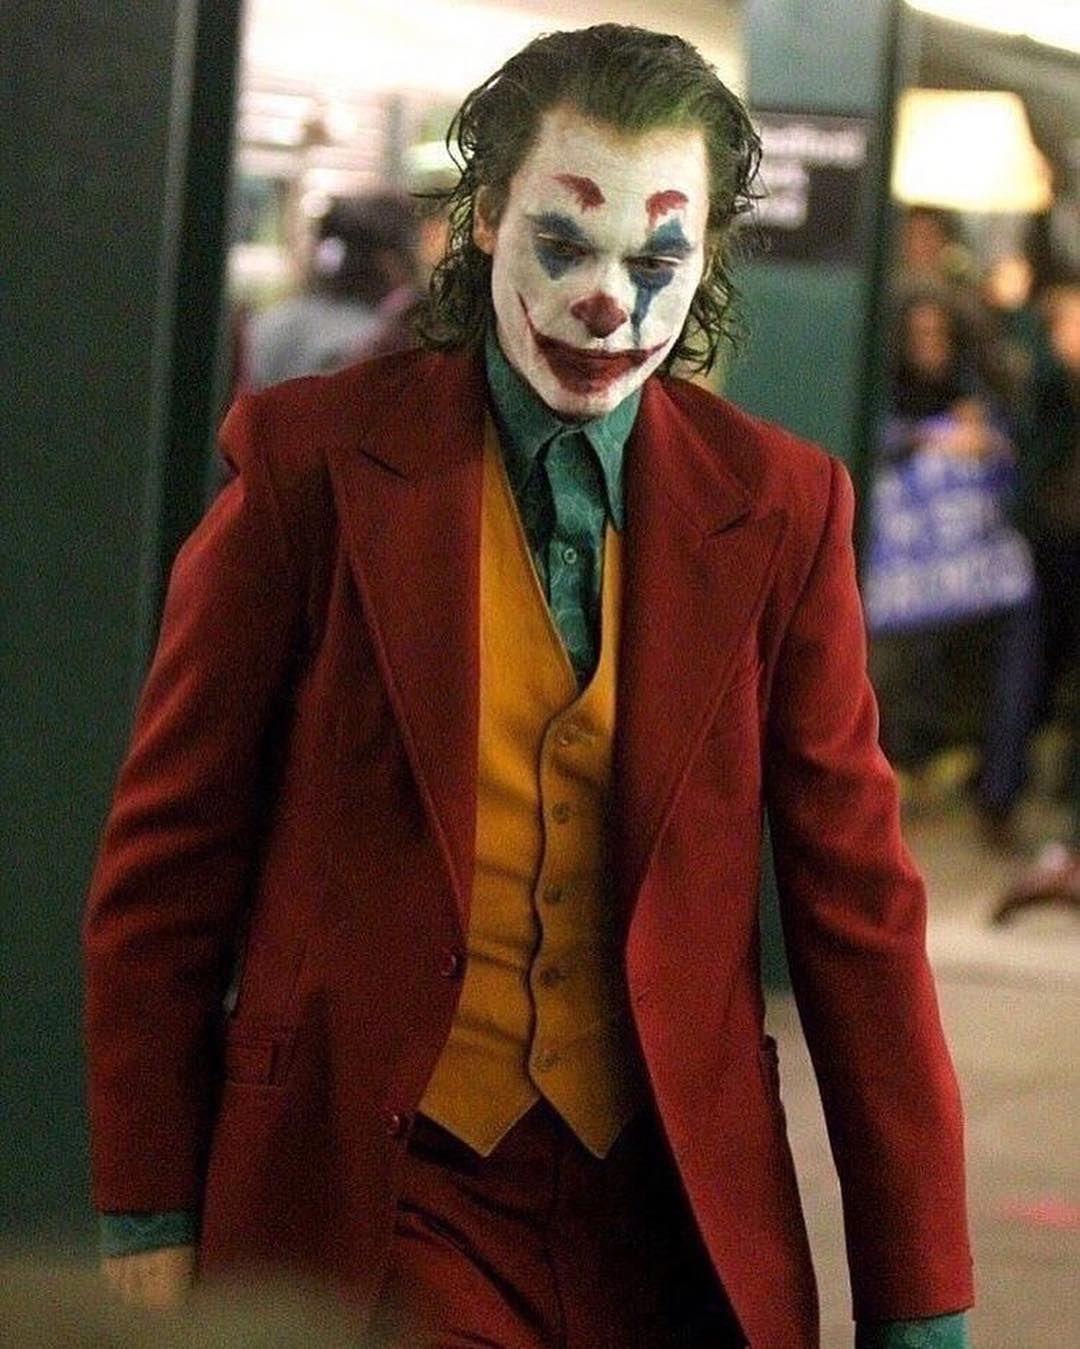 Joaquin Phoenix as Arthur Fleck/Joker In Joker (2019